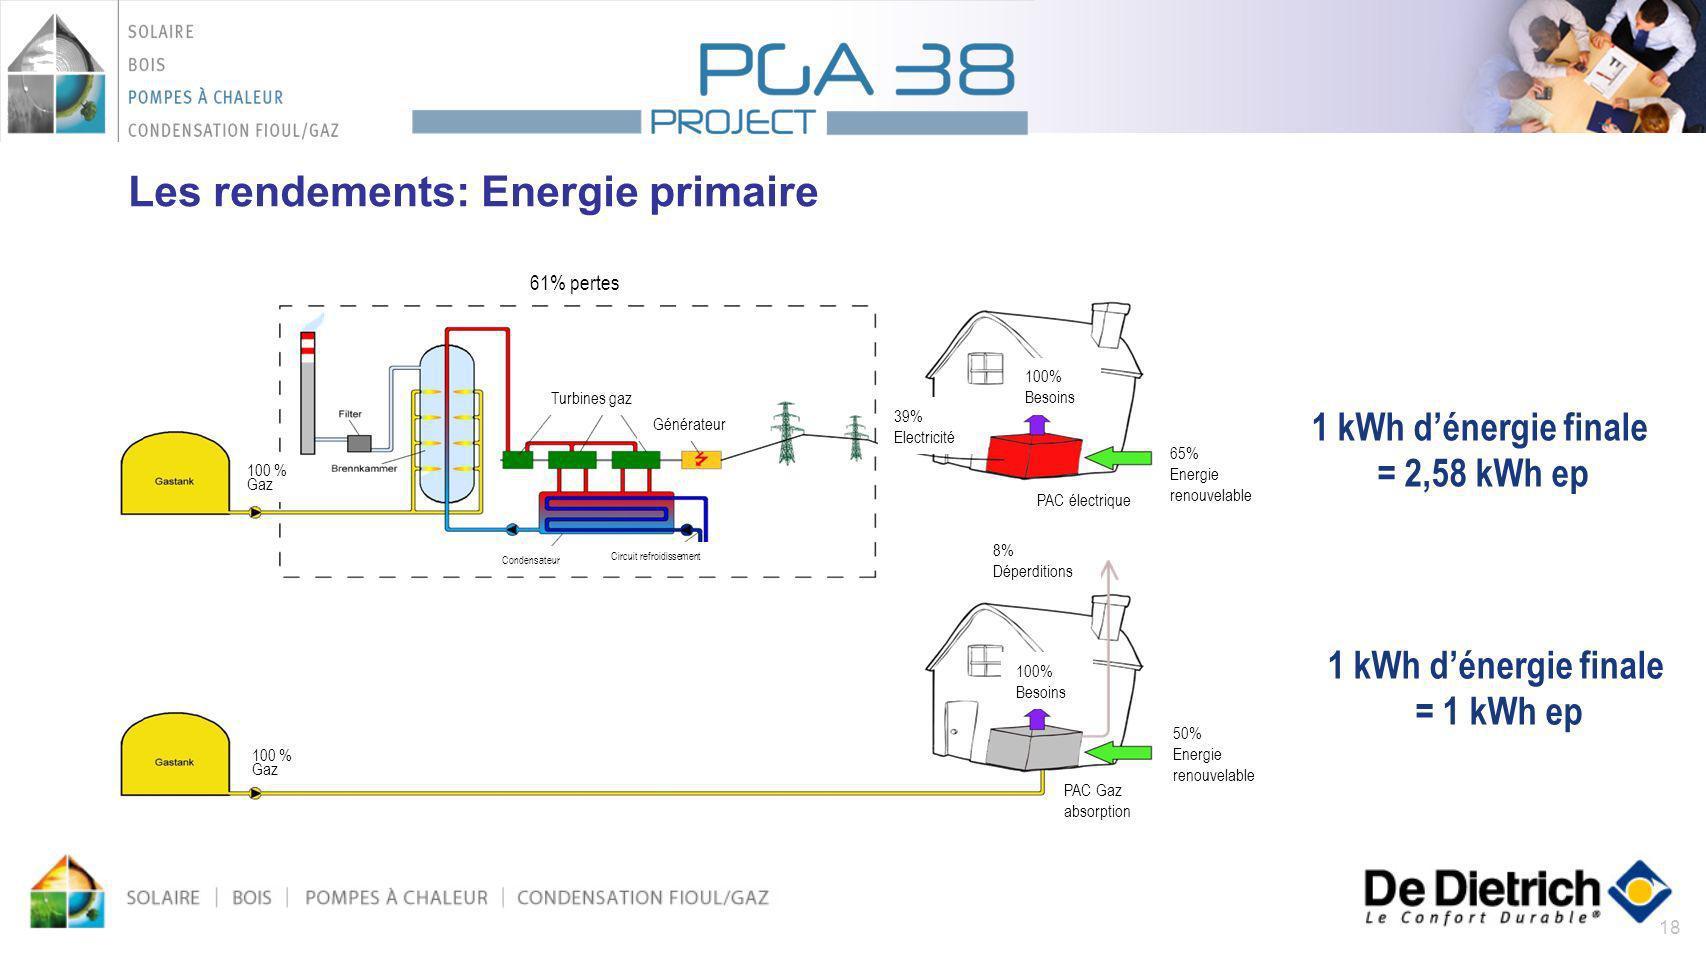 Les rendements: Energie primaire